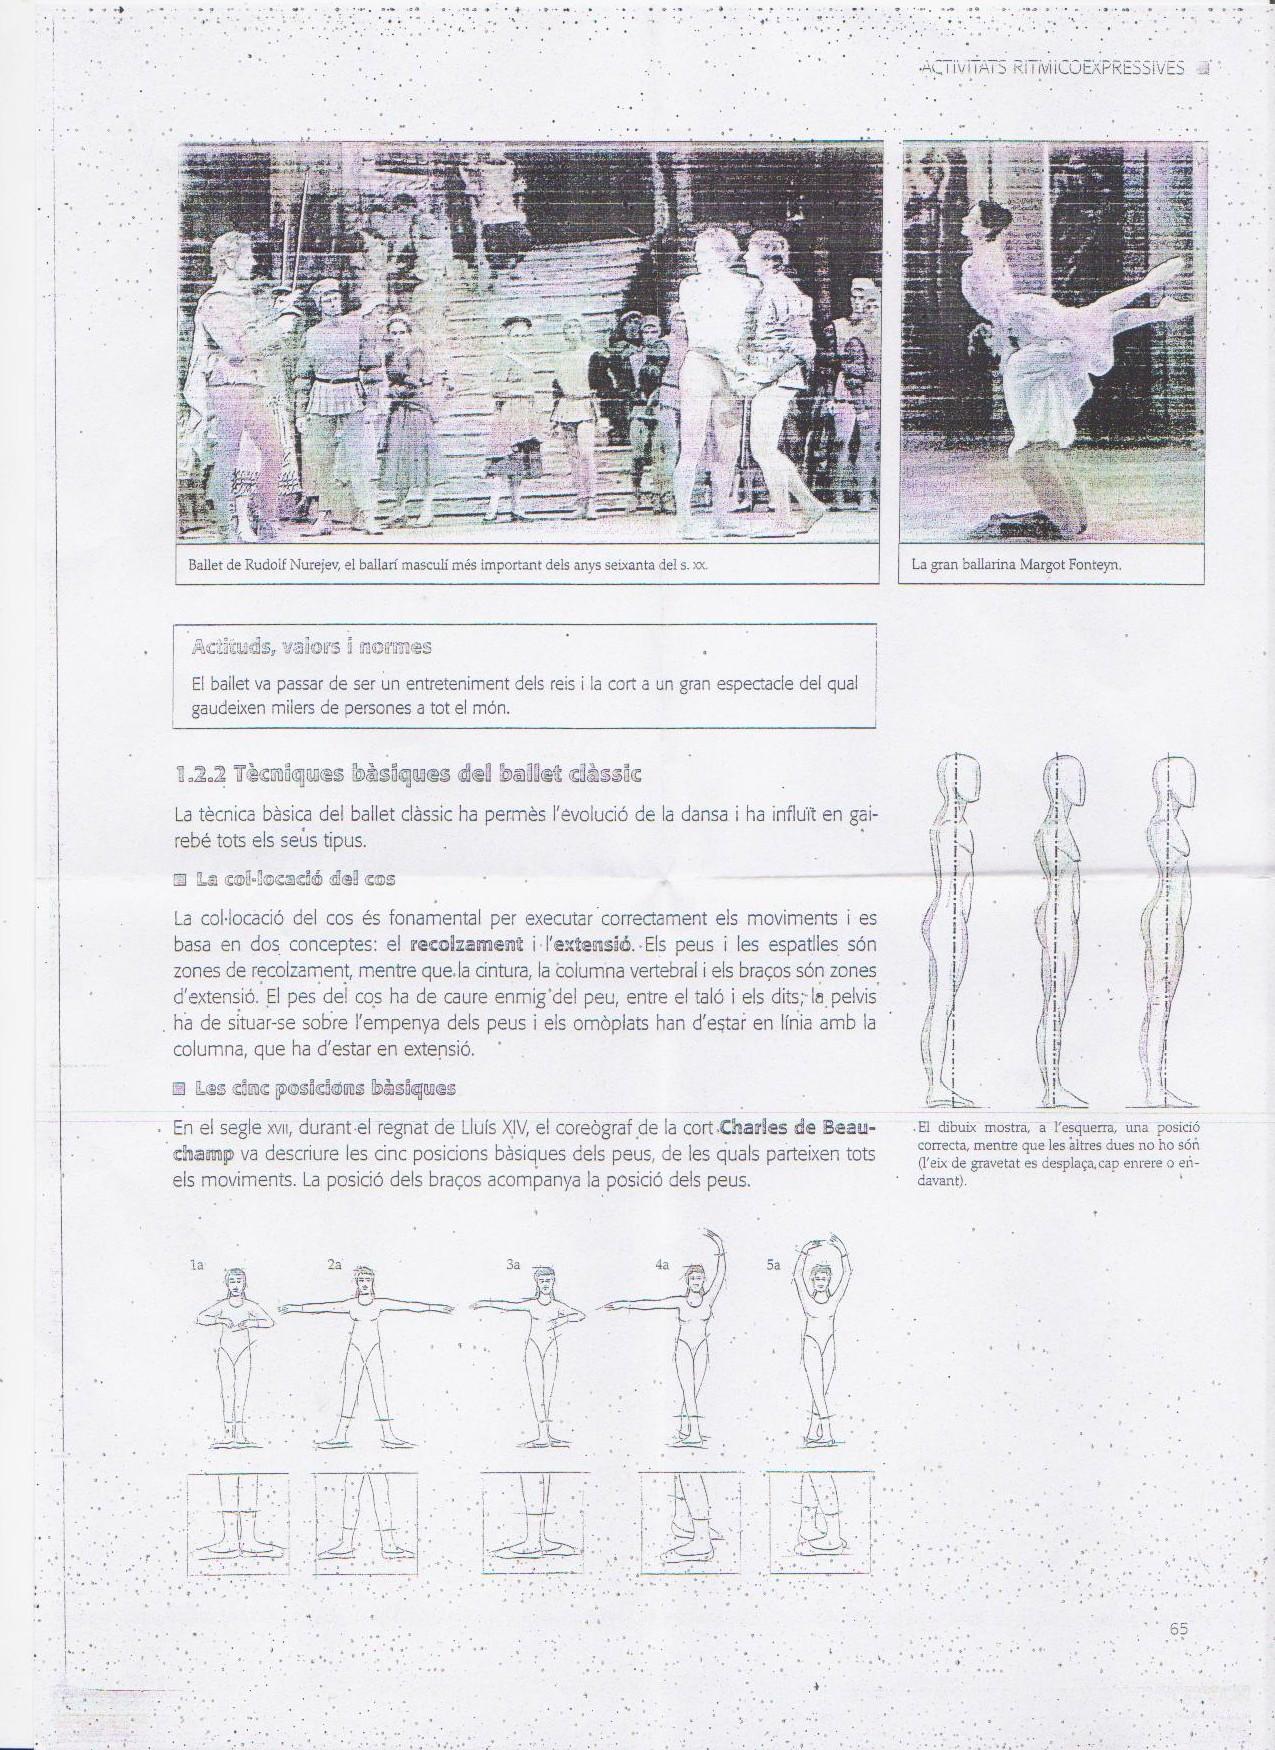 Técnicas básicas del ballet clásico